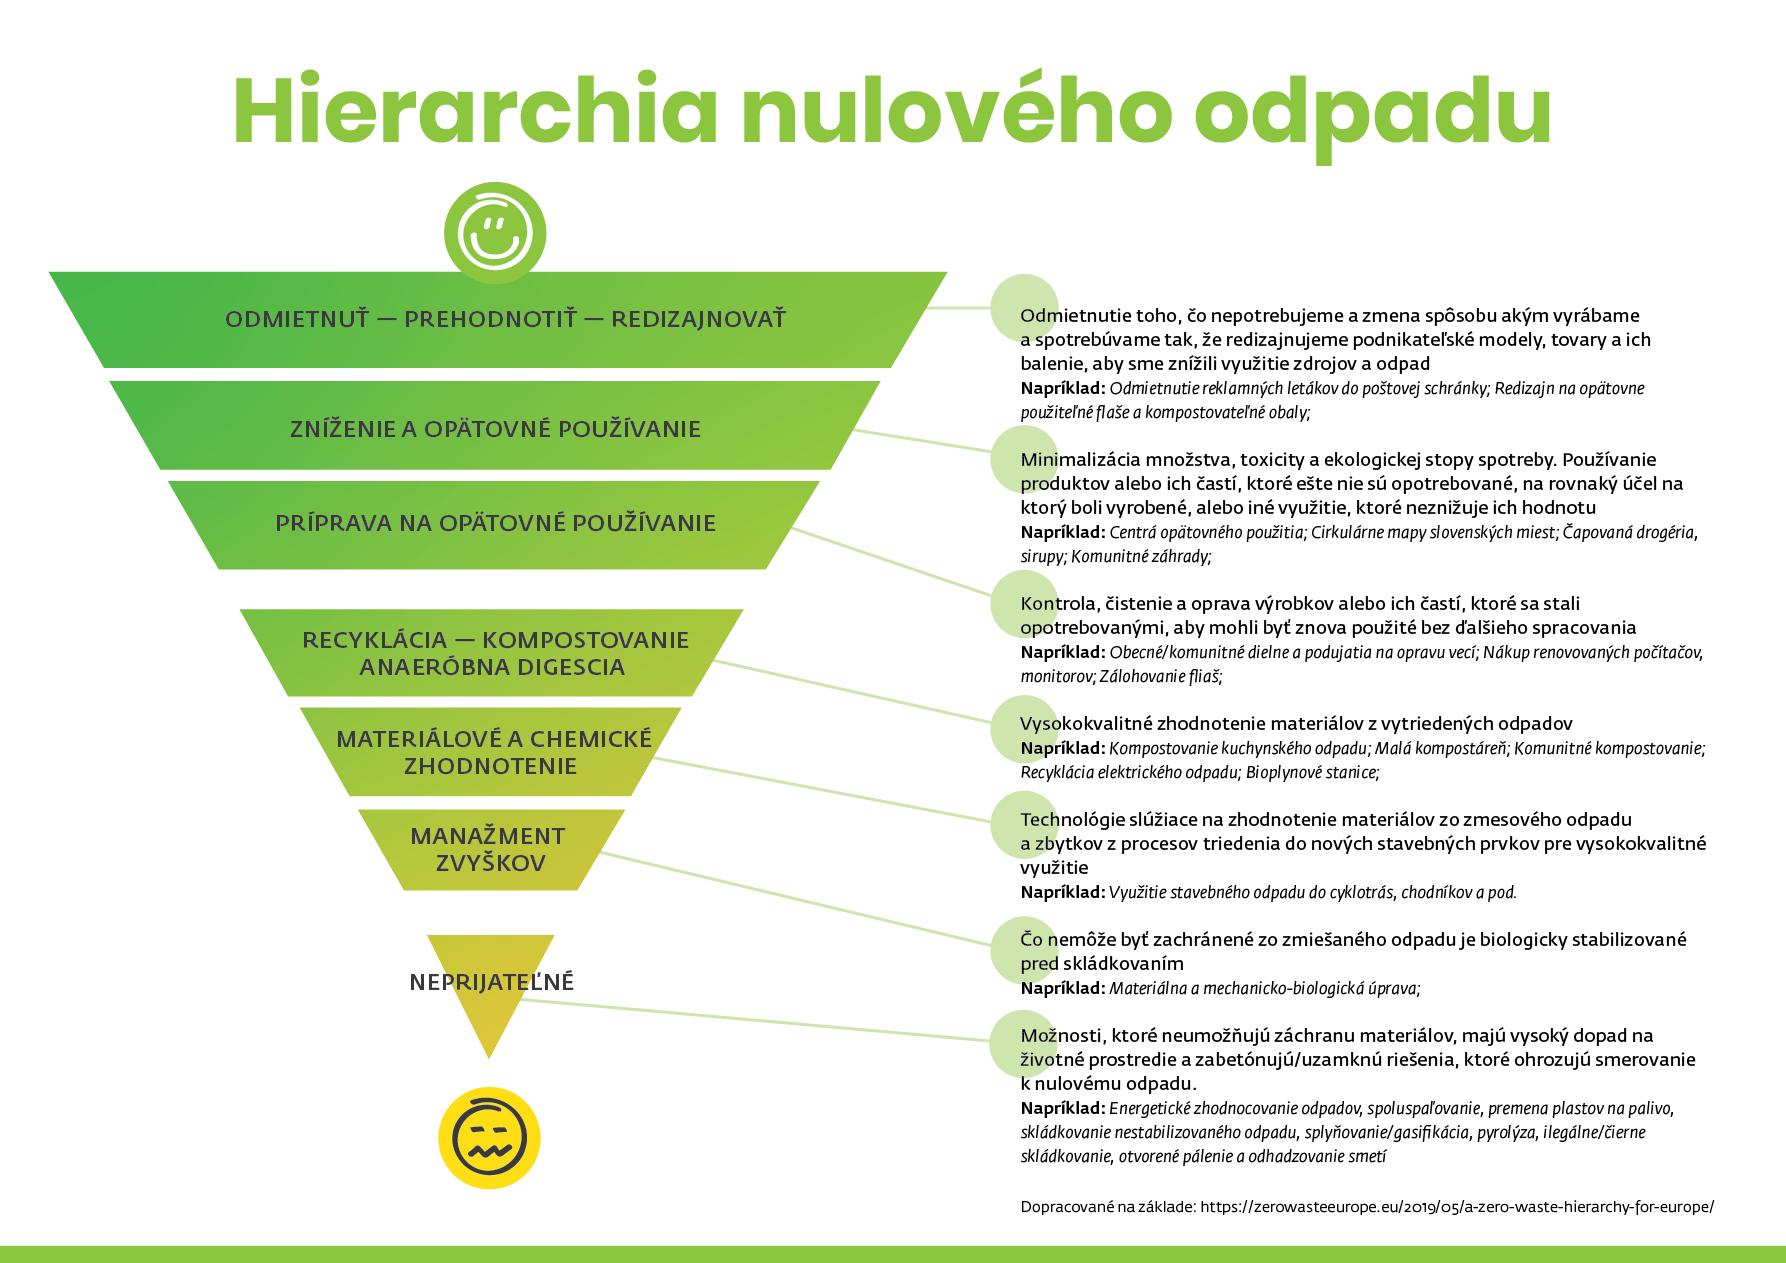 cepa-infografika-pyramida-01401.5x.png?ssl=1